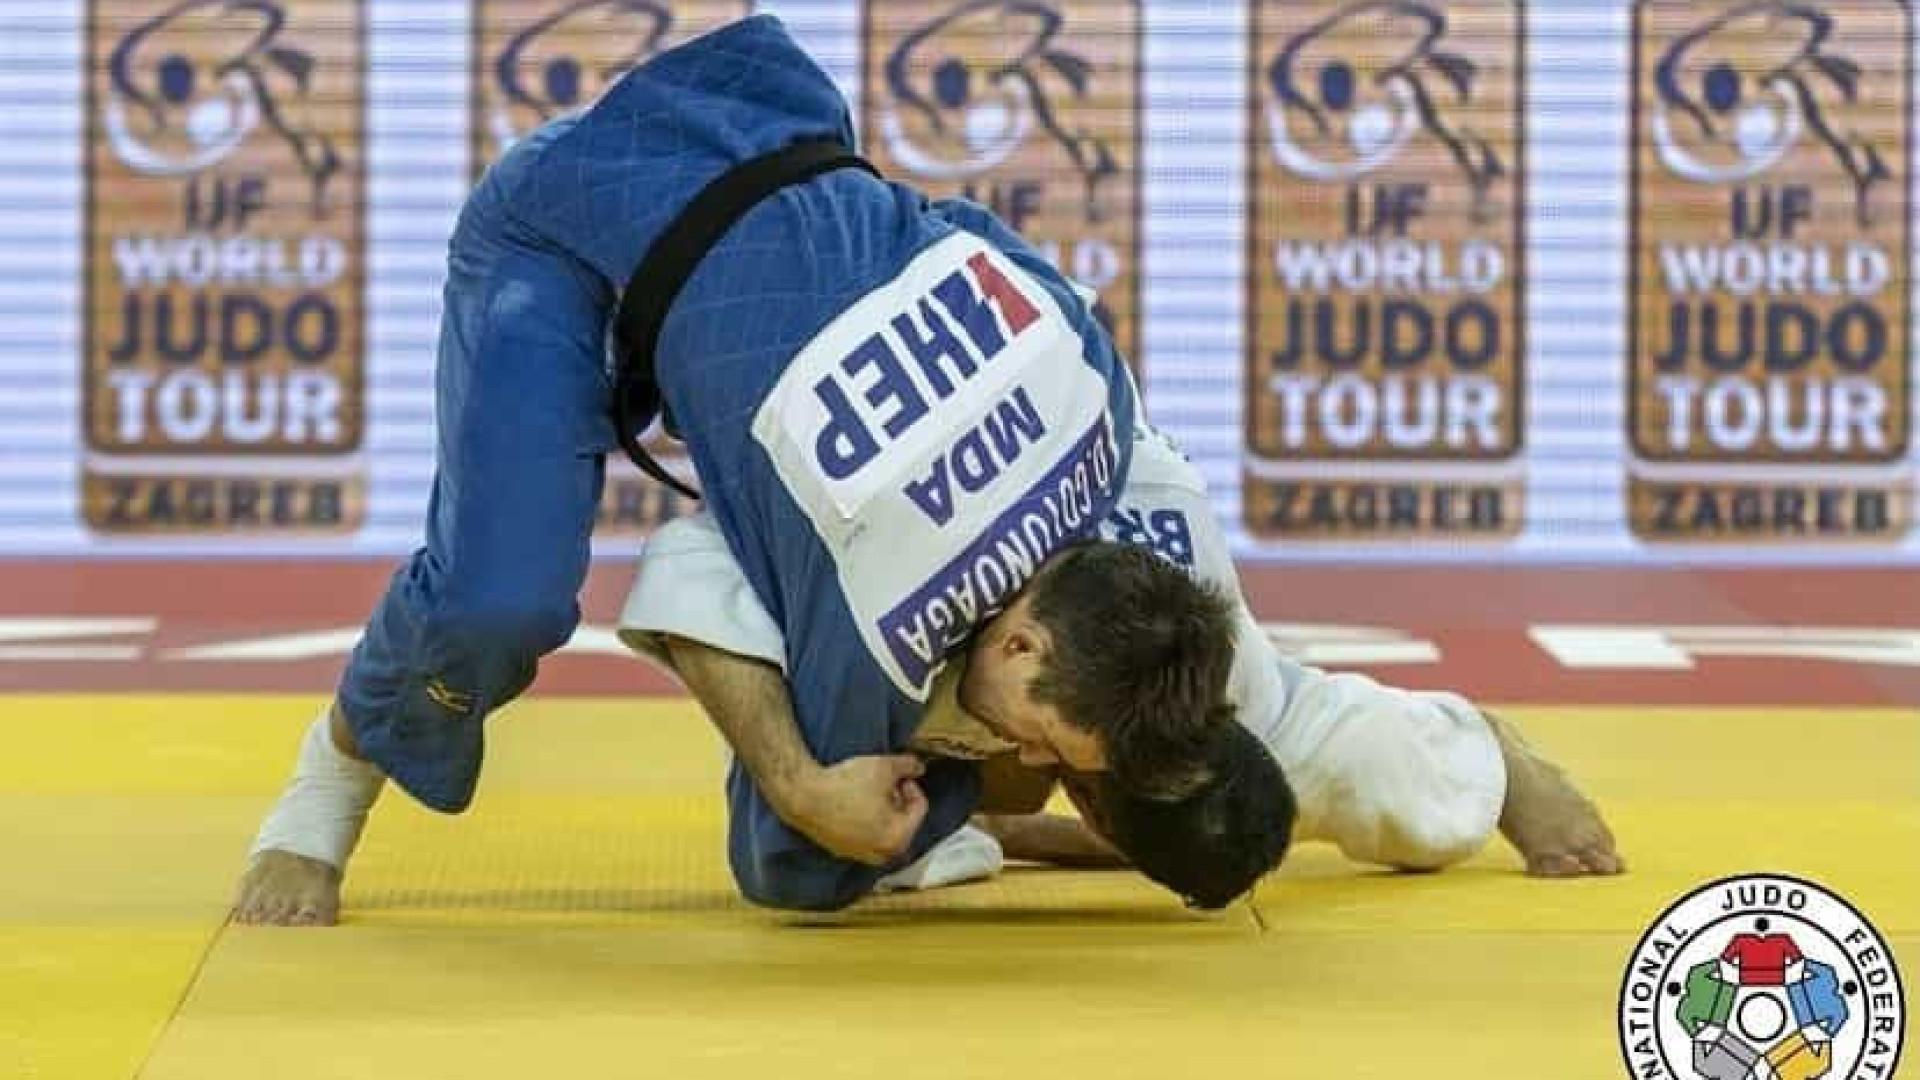 De olho nos Jogos Olímpicos de 2024, seleção de judô disputa Grand Slam de Paris